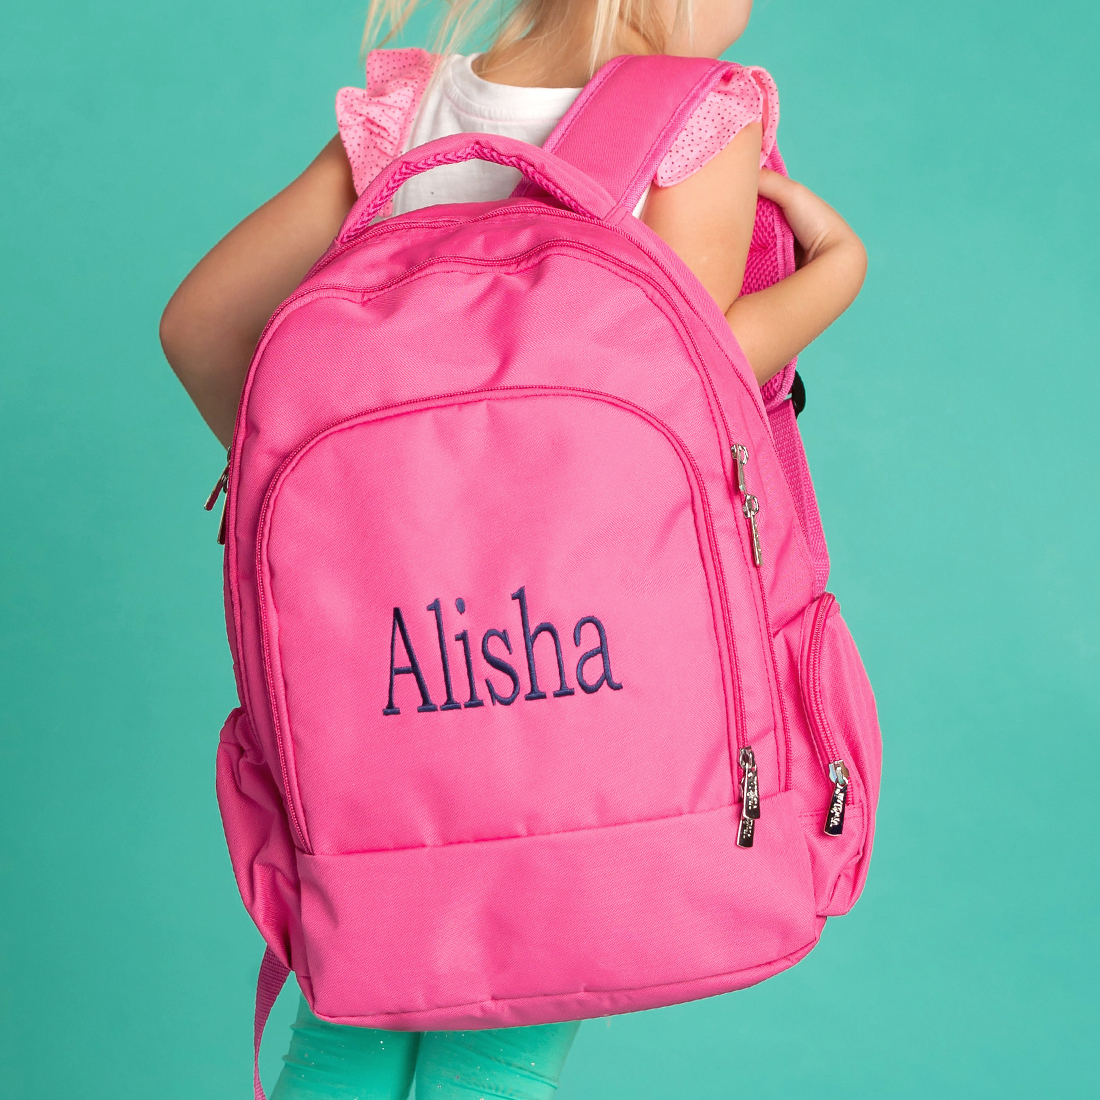 Monogrammed Backpack Solid Mint Backpack Backpack Viv /& Lou,